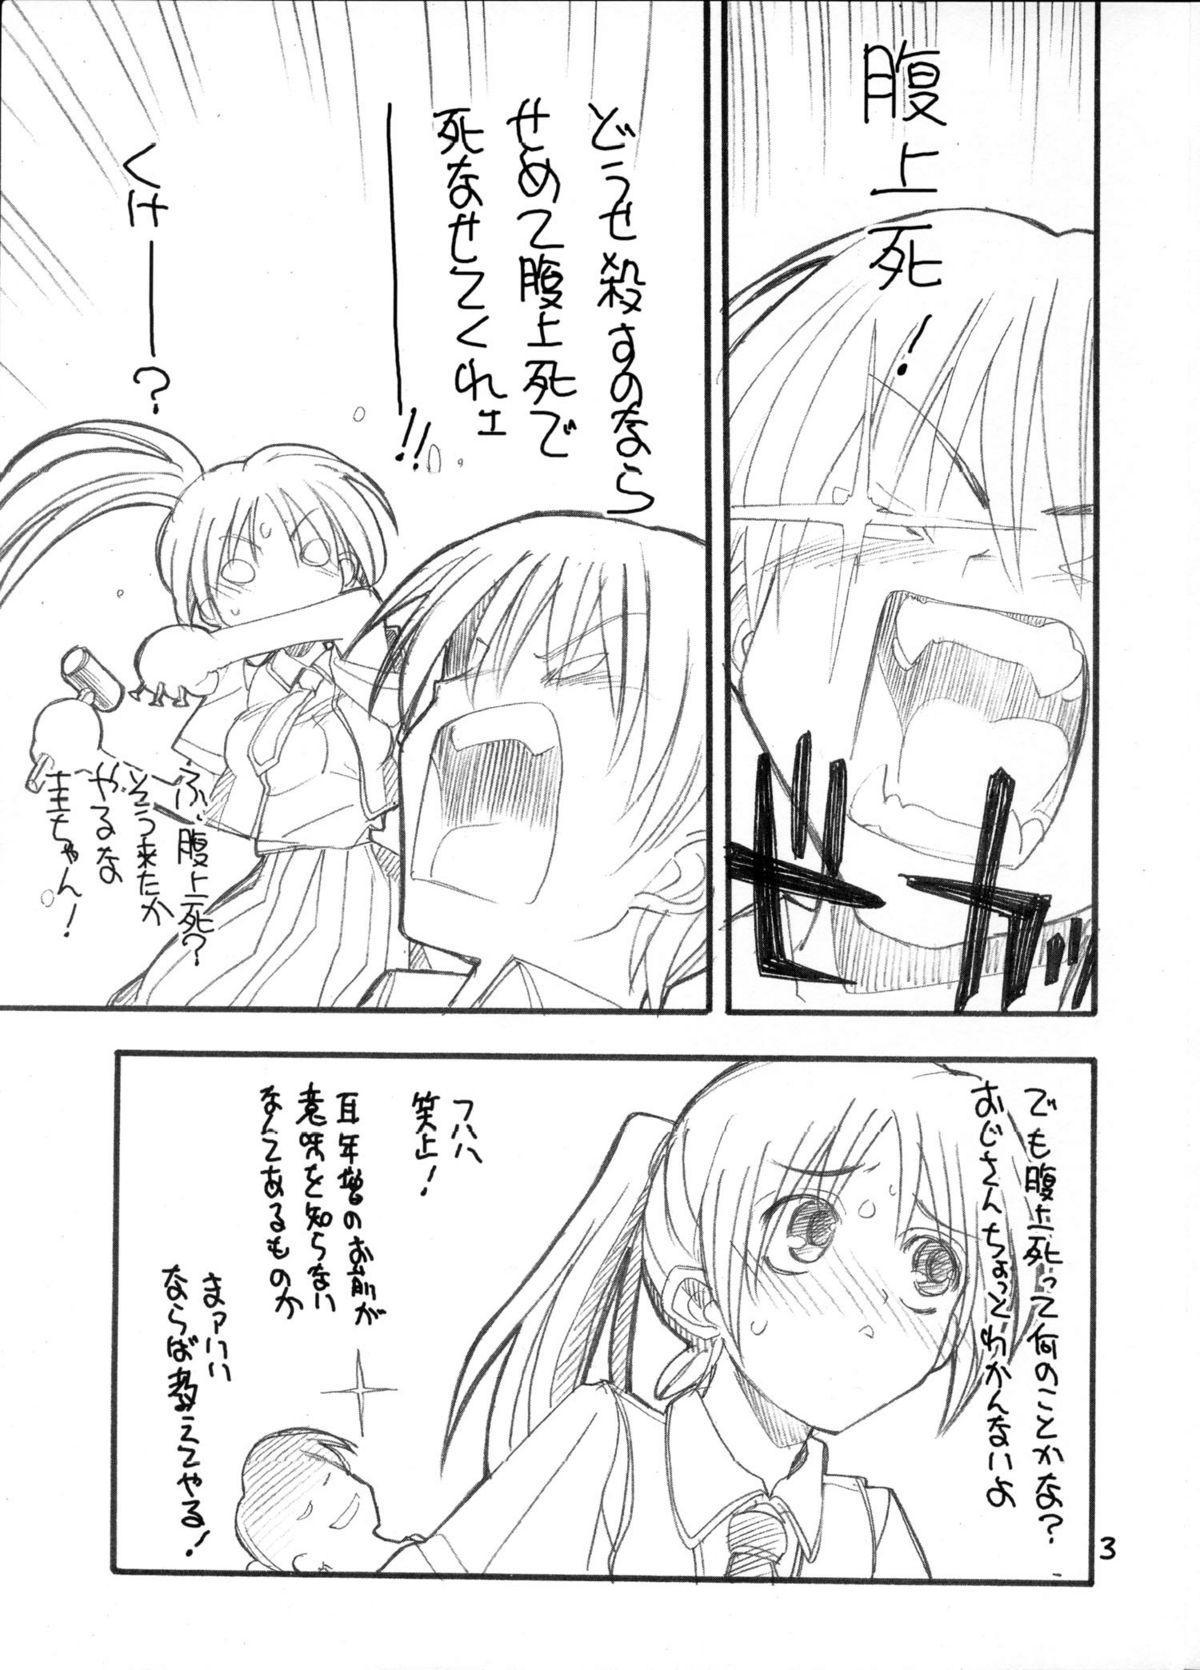 Toppatsu Tekitoukopii hon Higurashi wa ta Nagashi Happy End e no Kousatsu 2